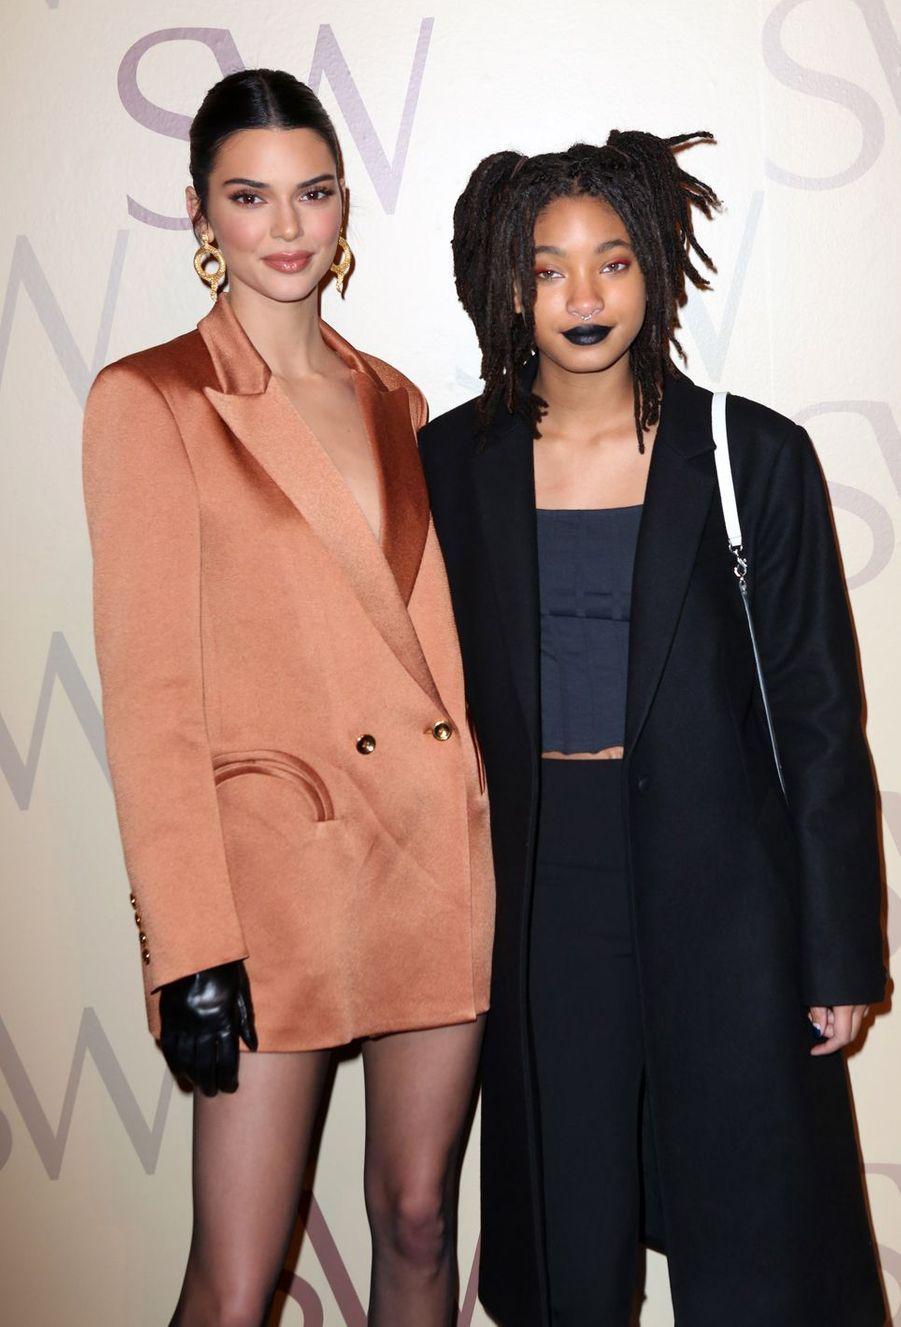 Kendall Jenner et Willow Smith à la présentation de la marque Stuart Weitzman lors de la Fashion Week à New York le 12 février 2019